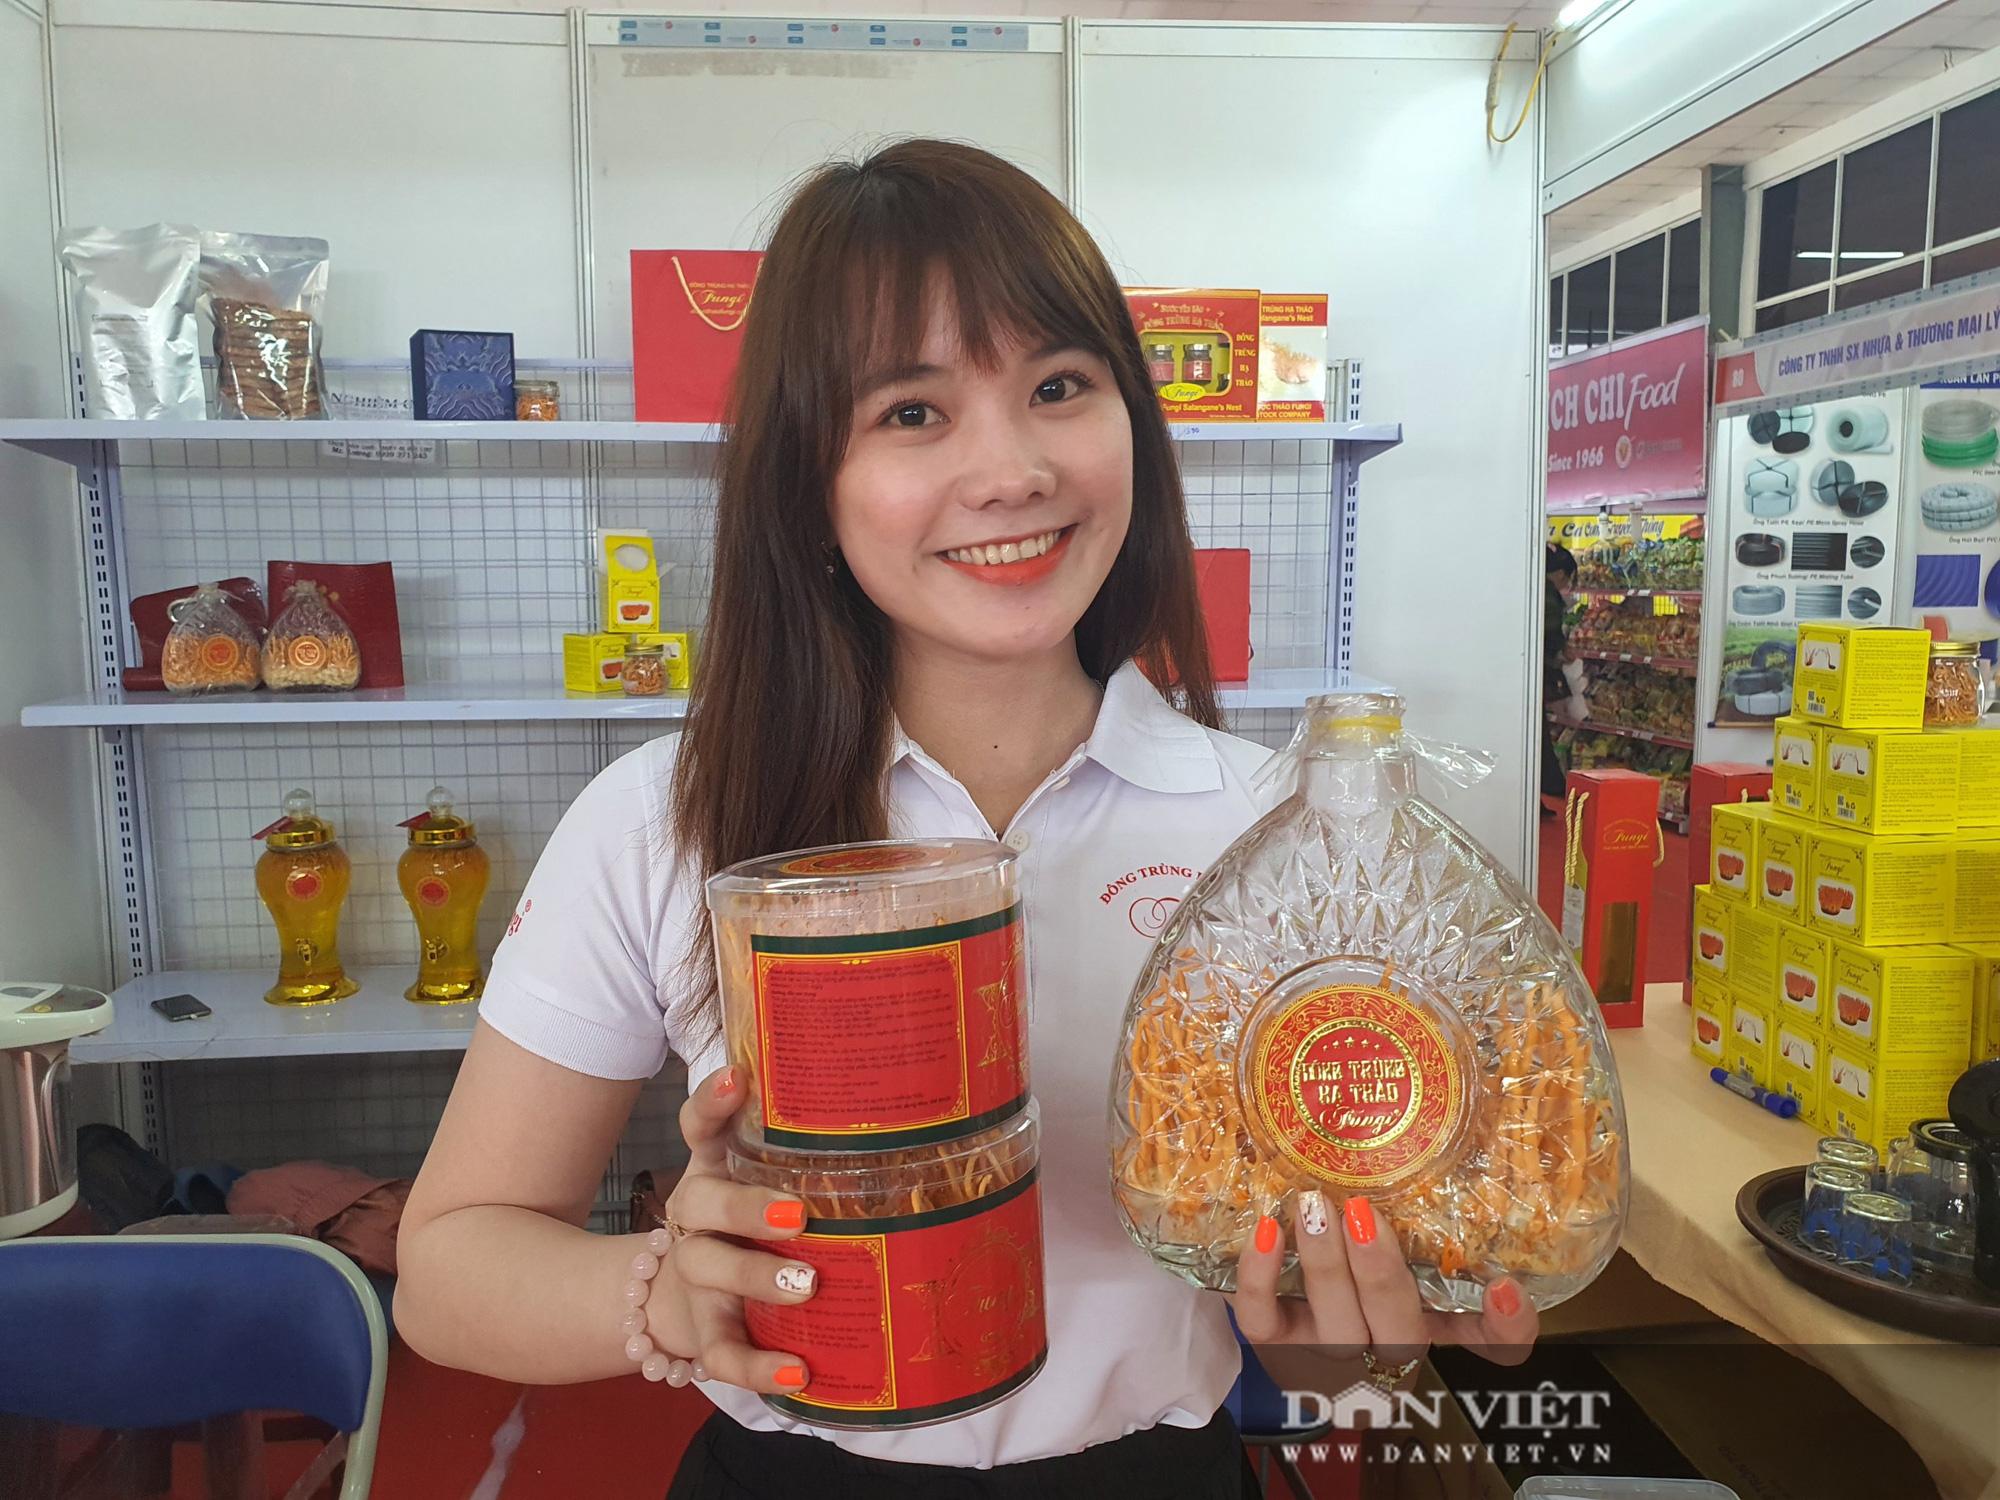 Cần Thơ: Hàng loạt sản phẩm mới lạ xuất hiện tại Hội chợ nông nghiệp quốc tế Việt Nam, không xem sẽ rất tiếc nuối - Ảnh 10.